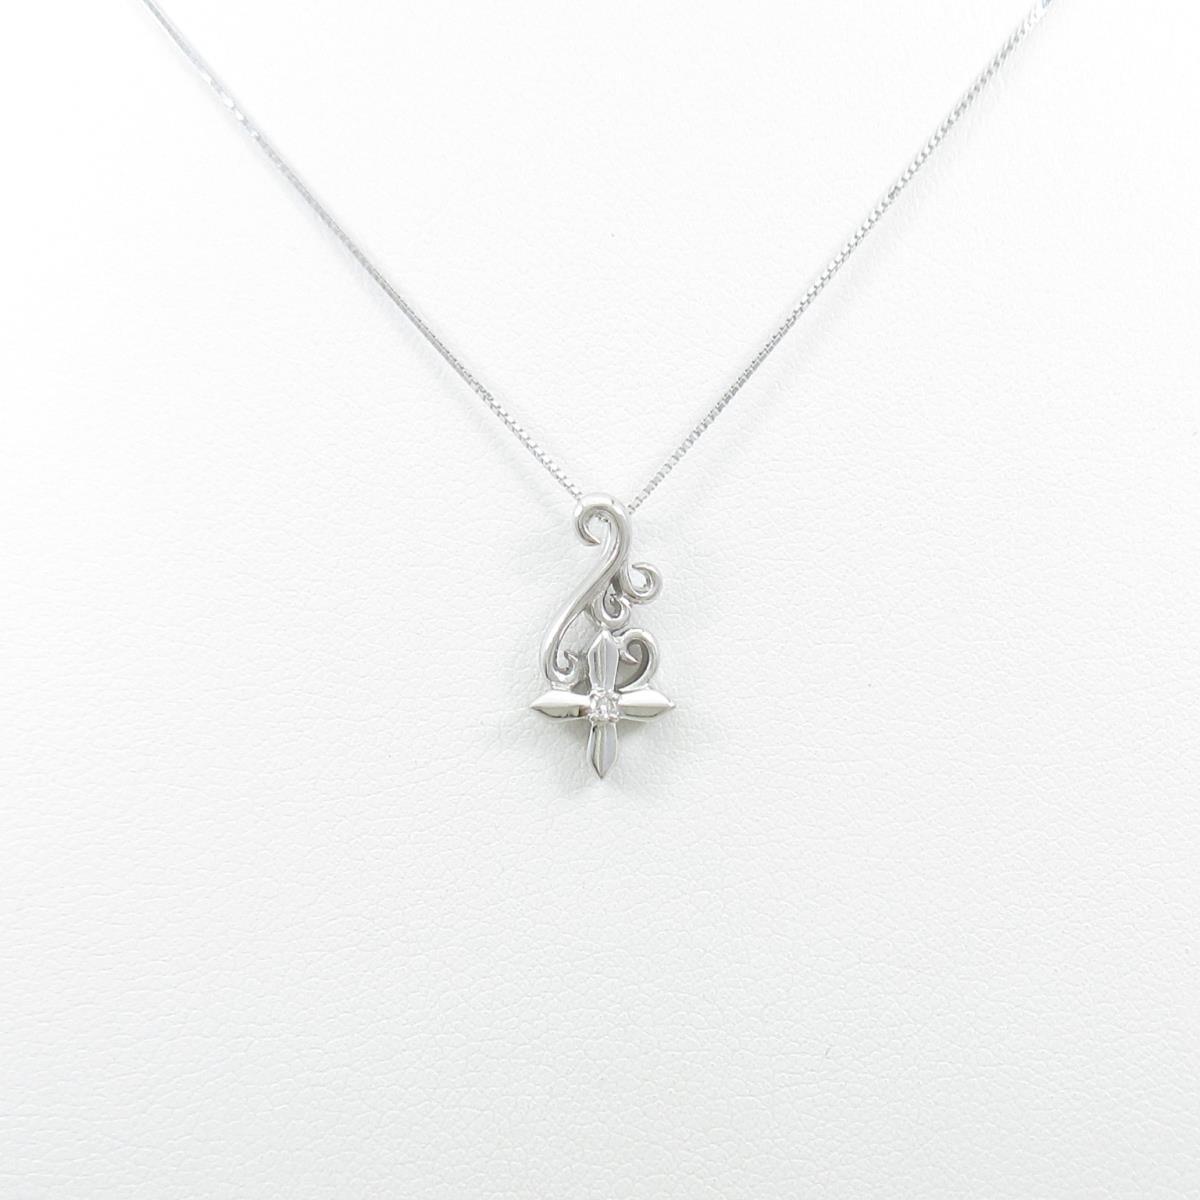 K18WG/K10WG クロス ダイヤモンドネックレス【中古】